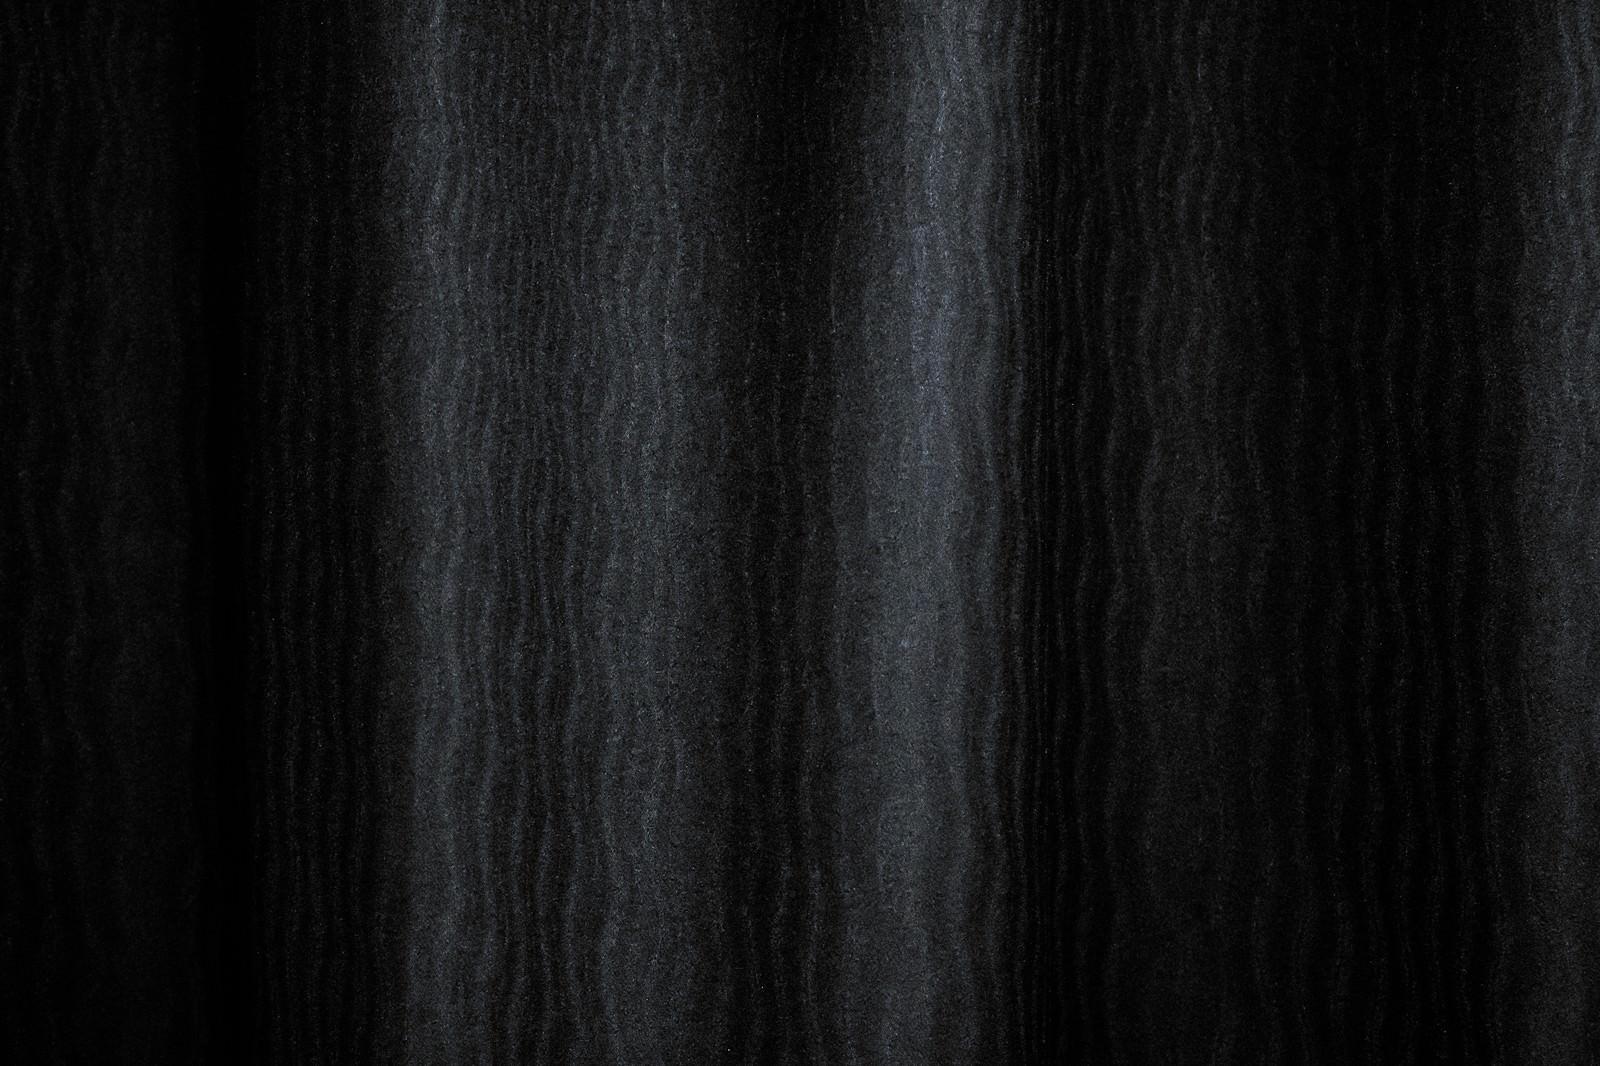 「薄暗い波模様(テクスチャ)」の写真